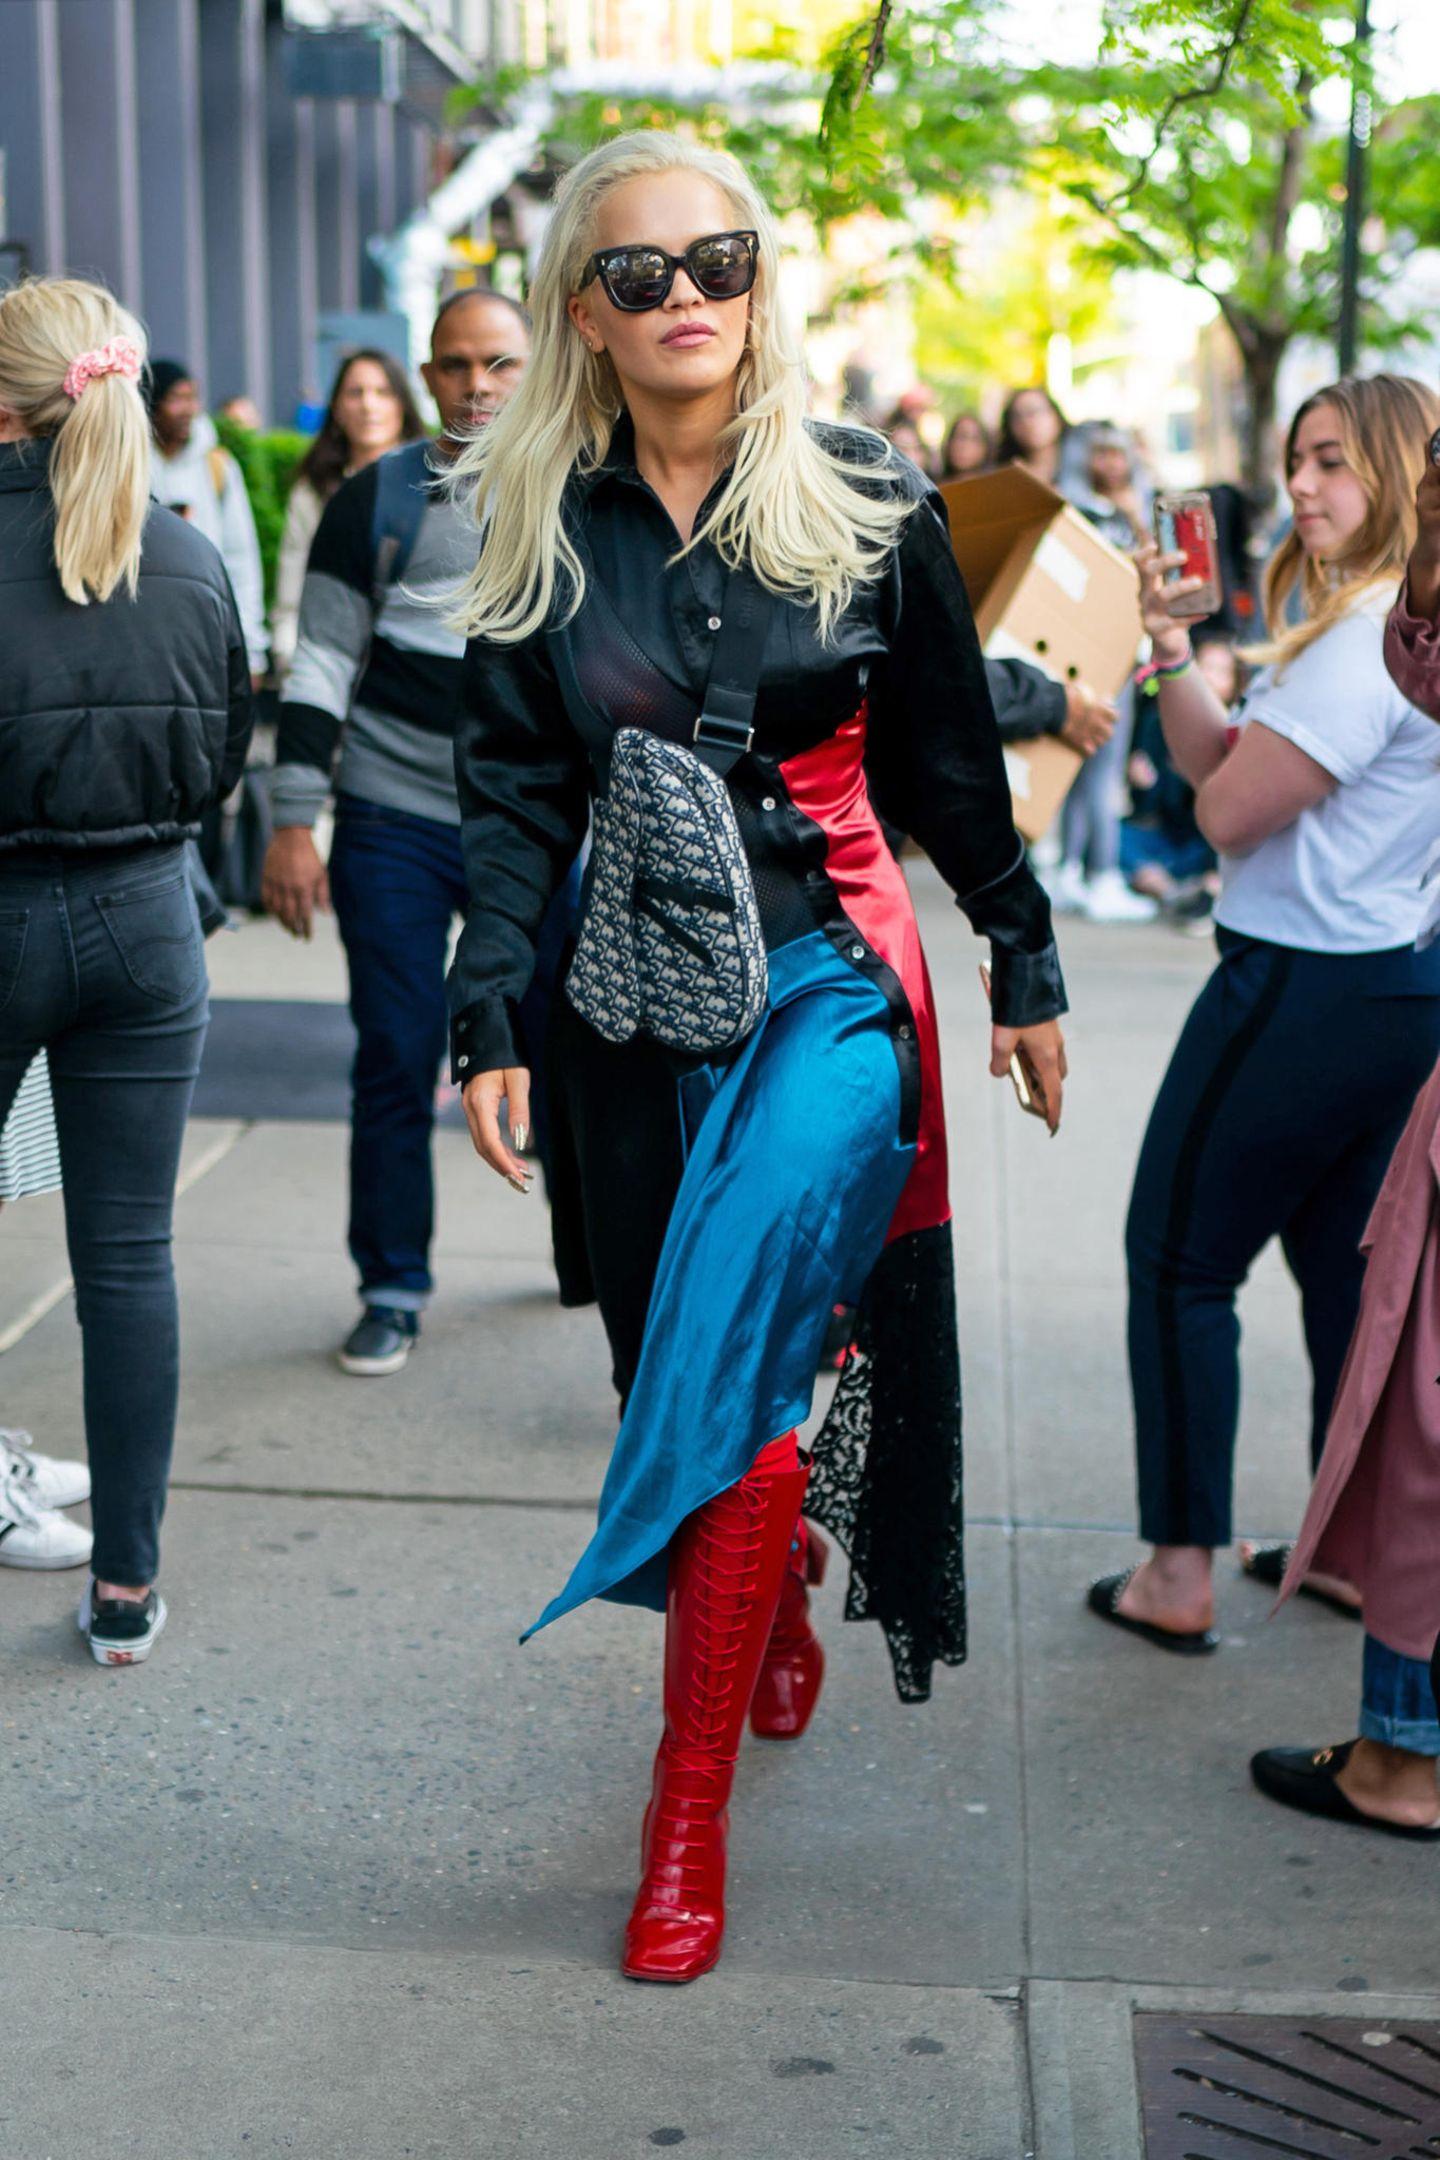 """Ursprünglich 1999 von John Galliano für Diordesignt, findet die """"Saddle Bag""""in der Herbst/Winter Saison2018, dankMaria Grazia Chiuri ihr ultimatives Comeback. Seitdem ist die ikonische Tasche aus demModeolymp nicht mehr wegzudenken und ziert das ein oder andere Promi-Handgelenk. Rita Ora entscheidet sich hier gegen den klassischen Schulterriemen und trägt ihre """"Saddle Bag"""" im Crossbody-Style."""